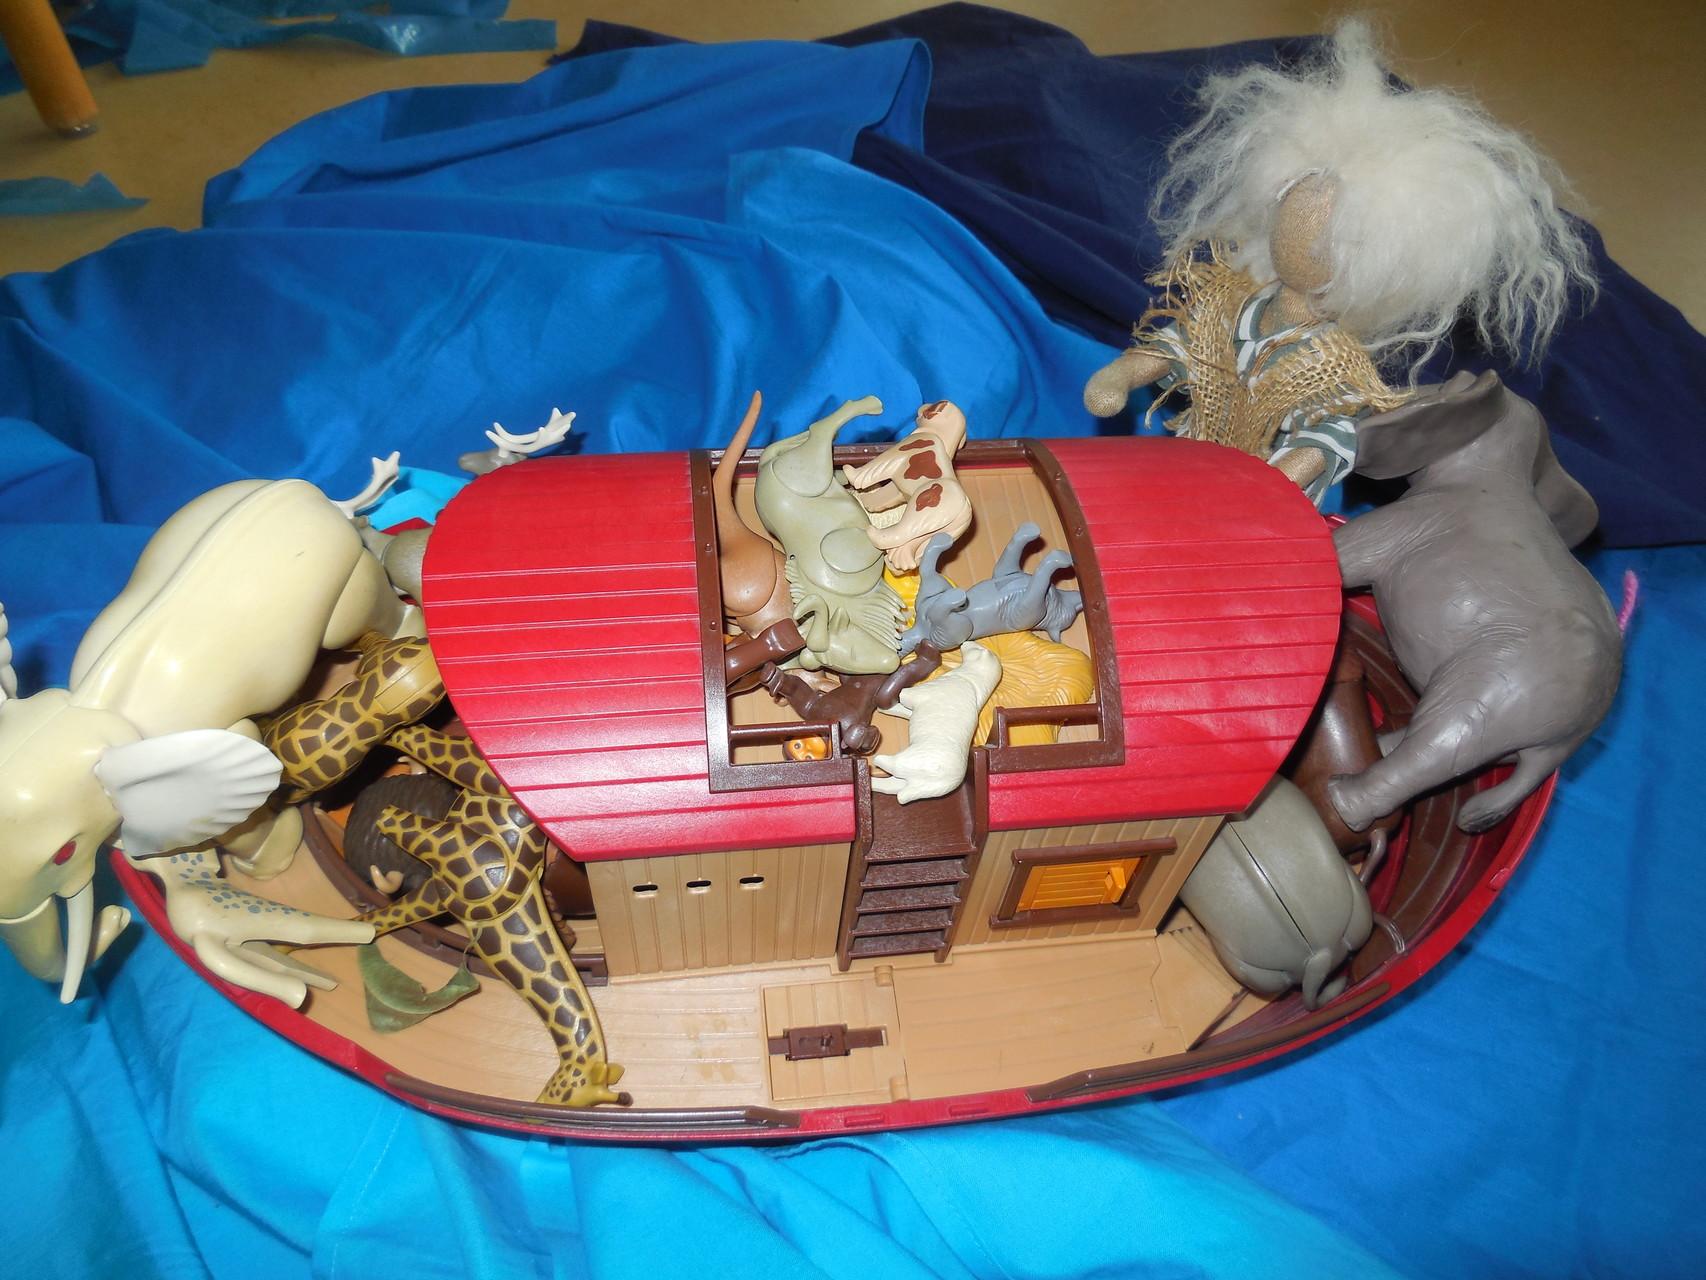 Schnell brachte Noach alle Tiere auf die Arche.